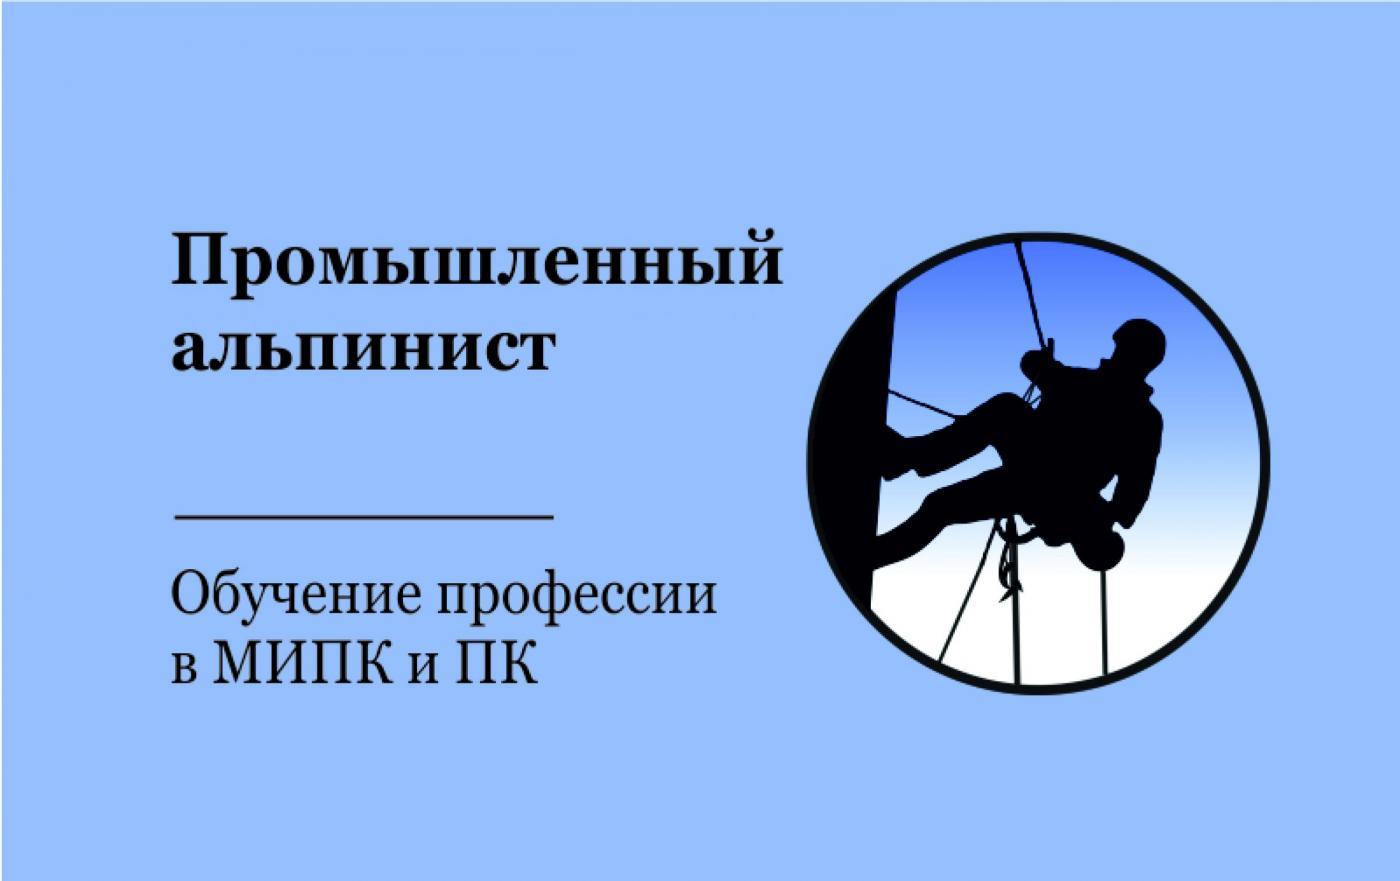 «Промышленный альпинист». Обучение профессии в МИПК и ПК